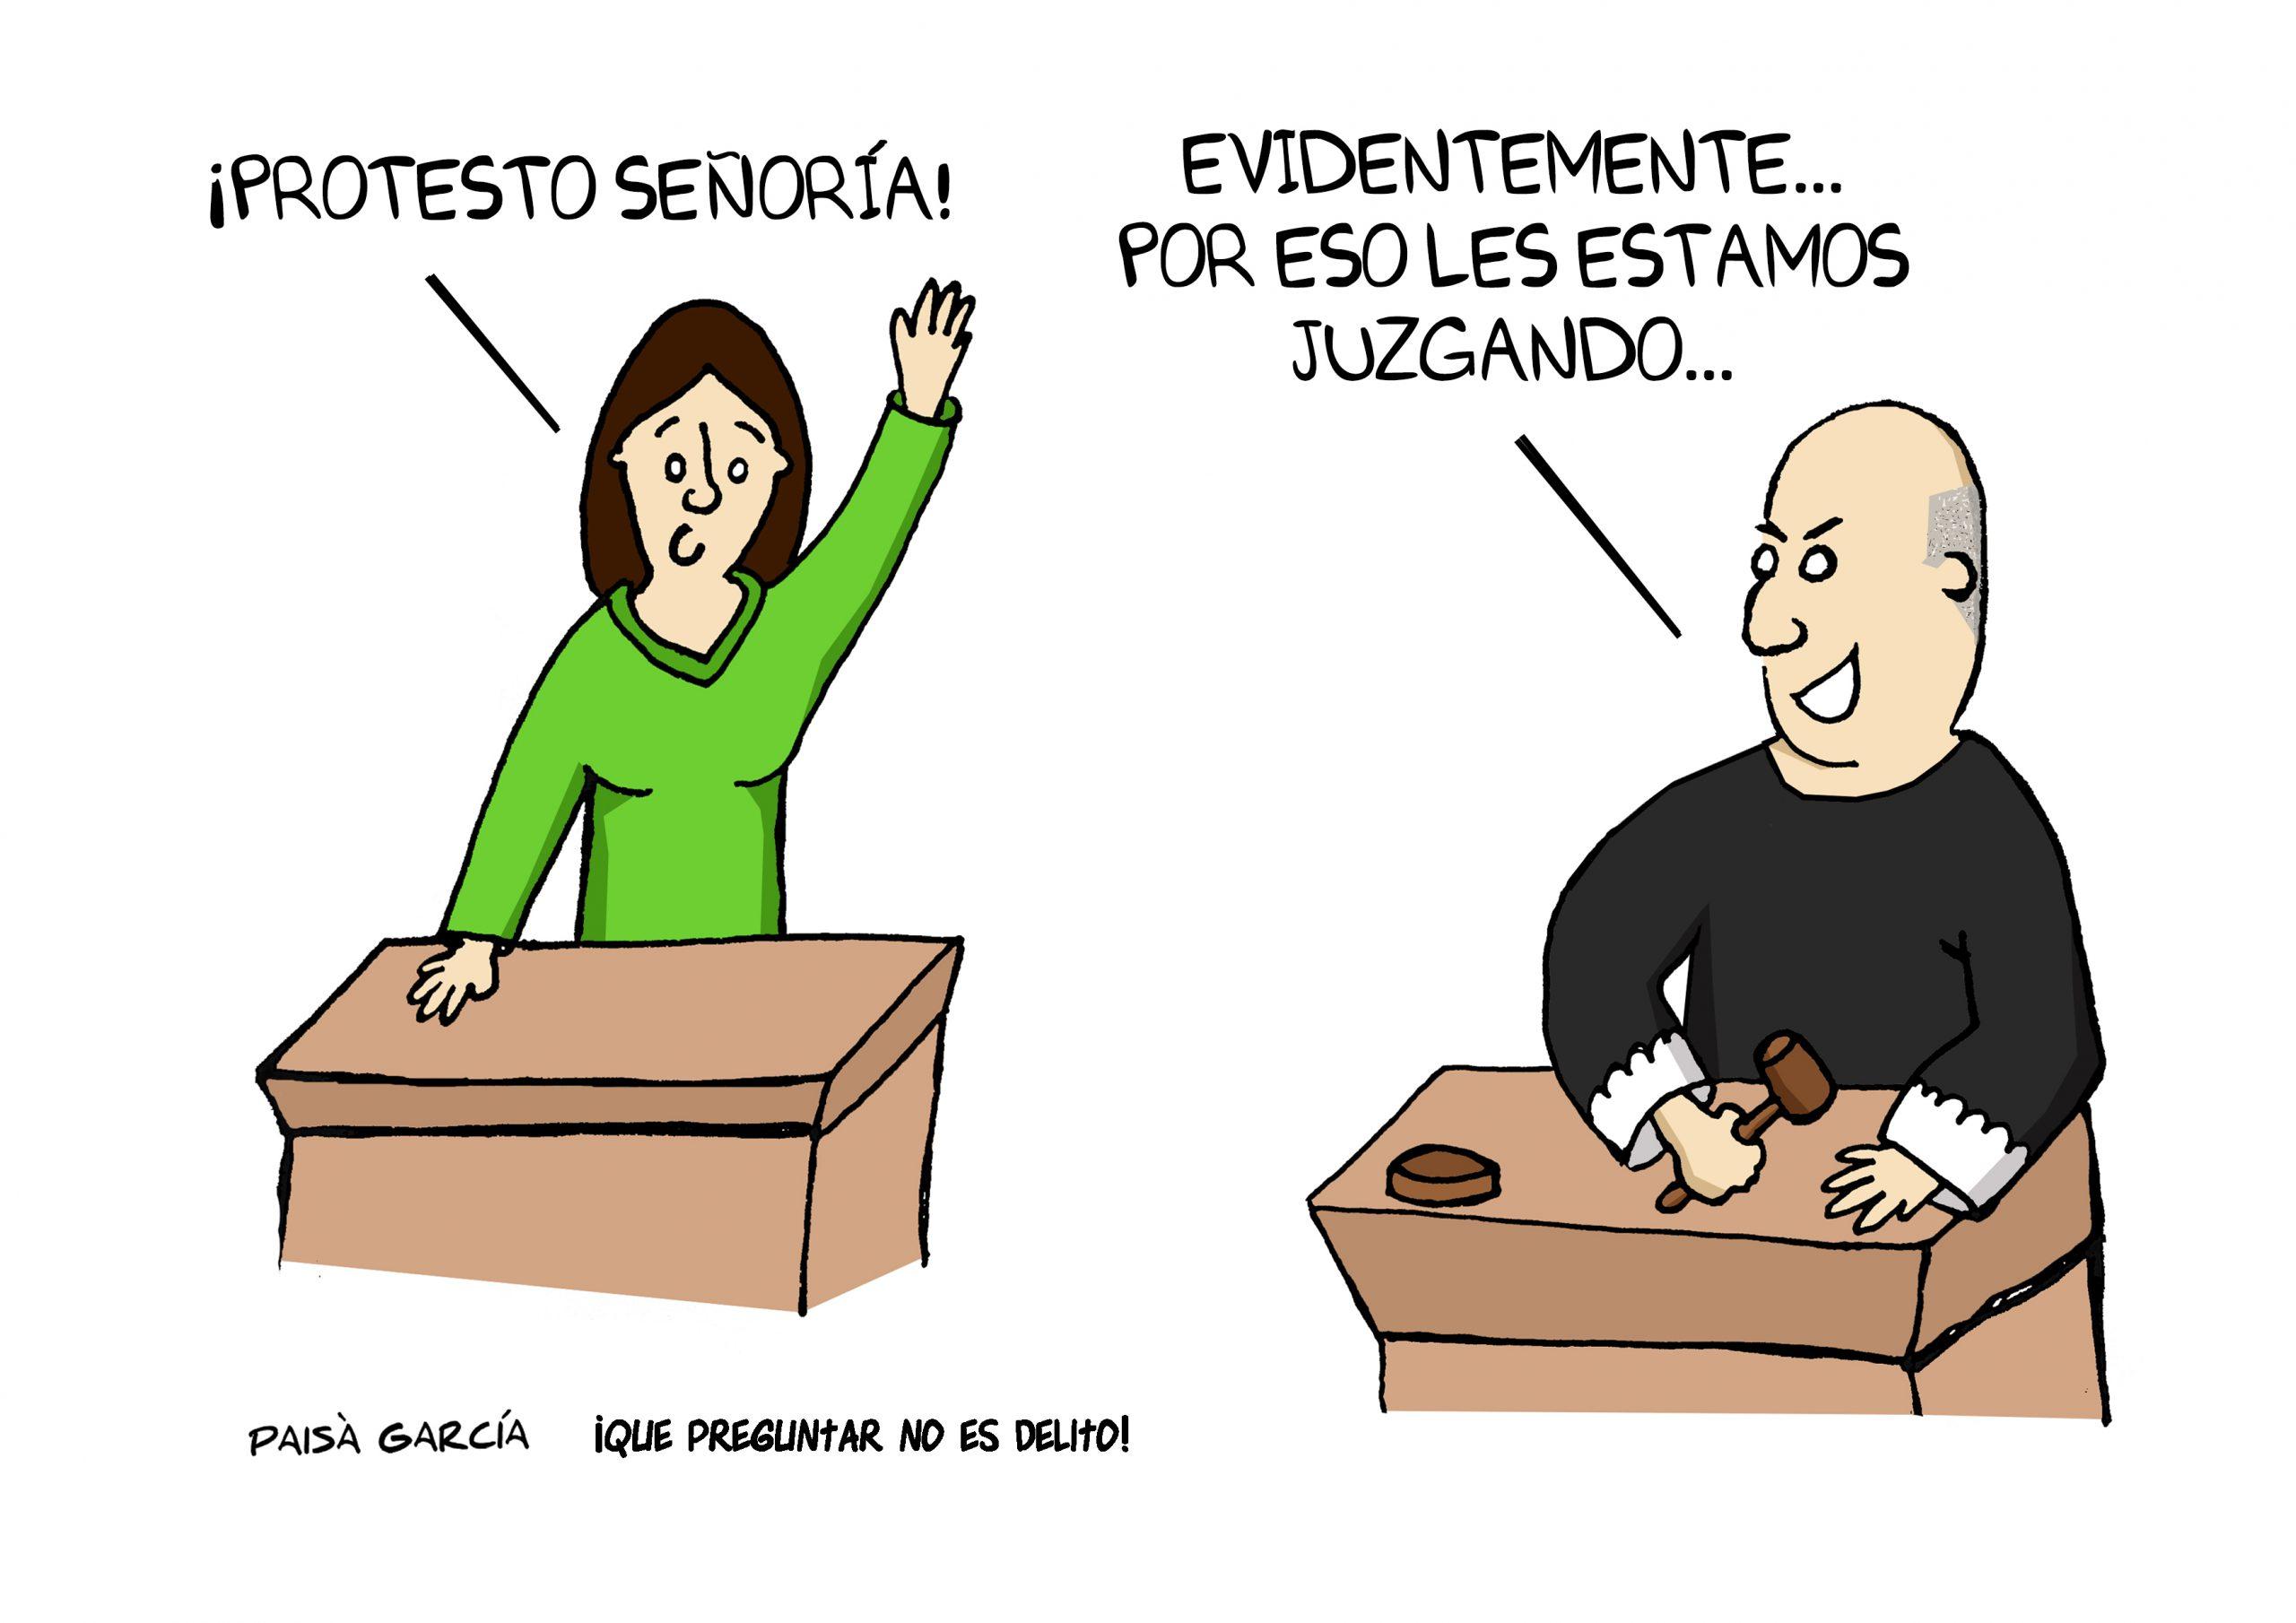 protesto-sencc83oricc81a